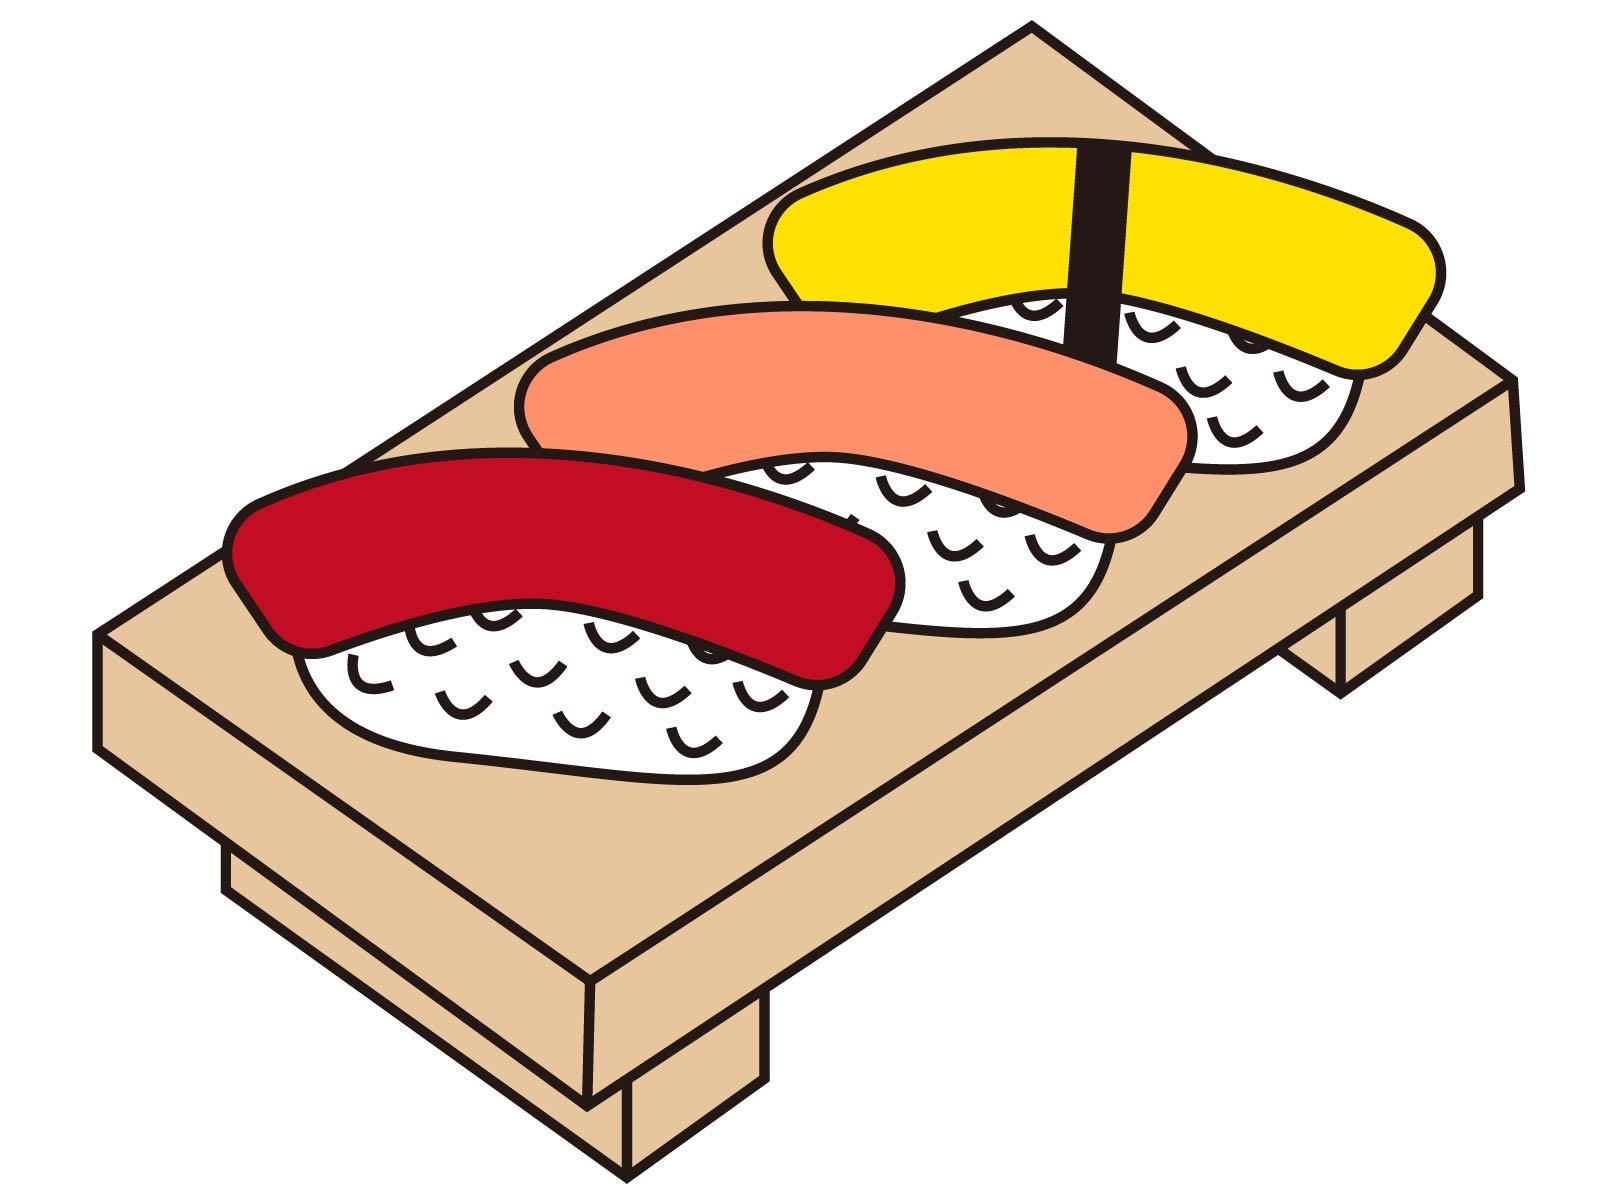 寿司1貫の糖質は何グラム?